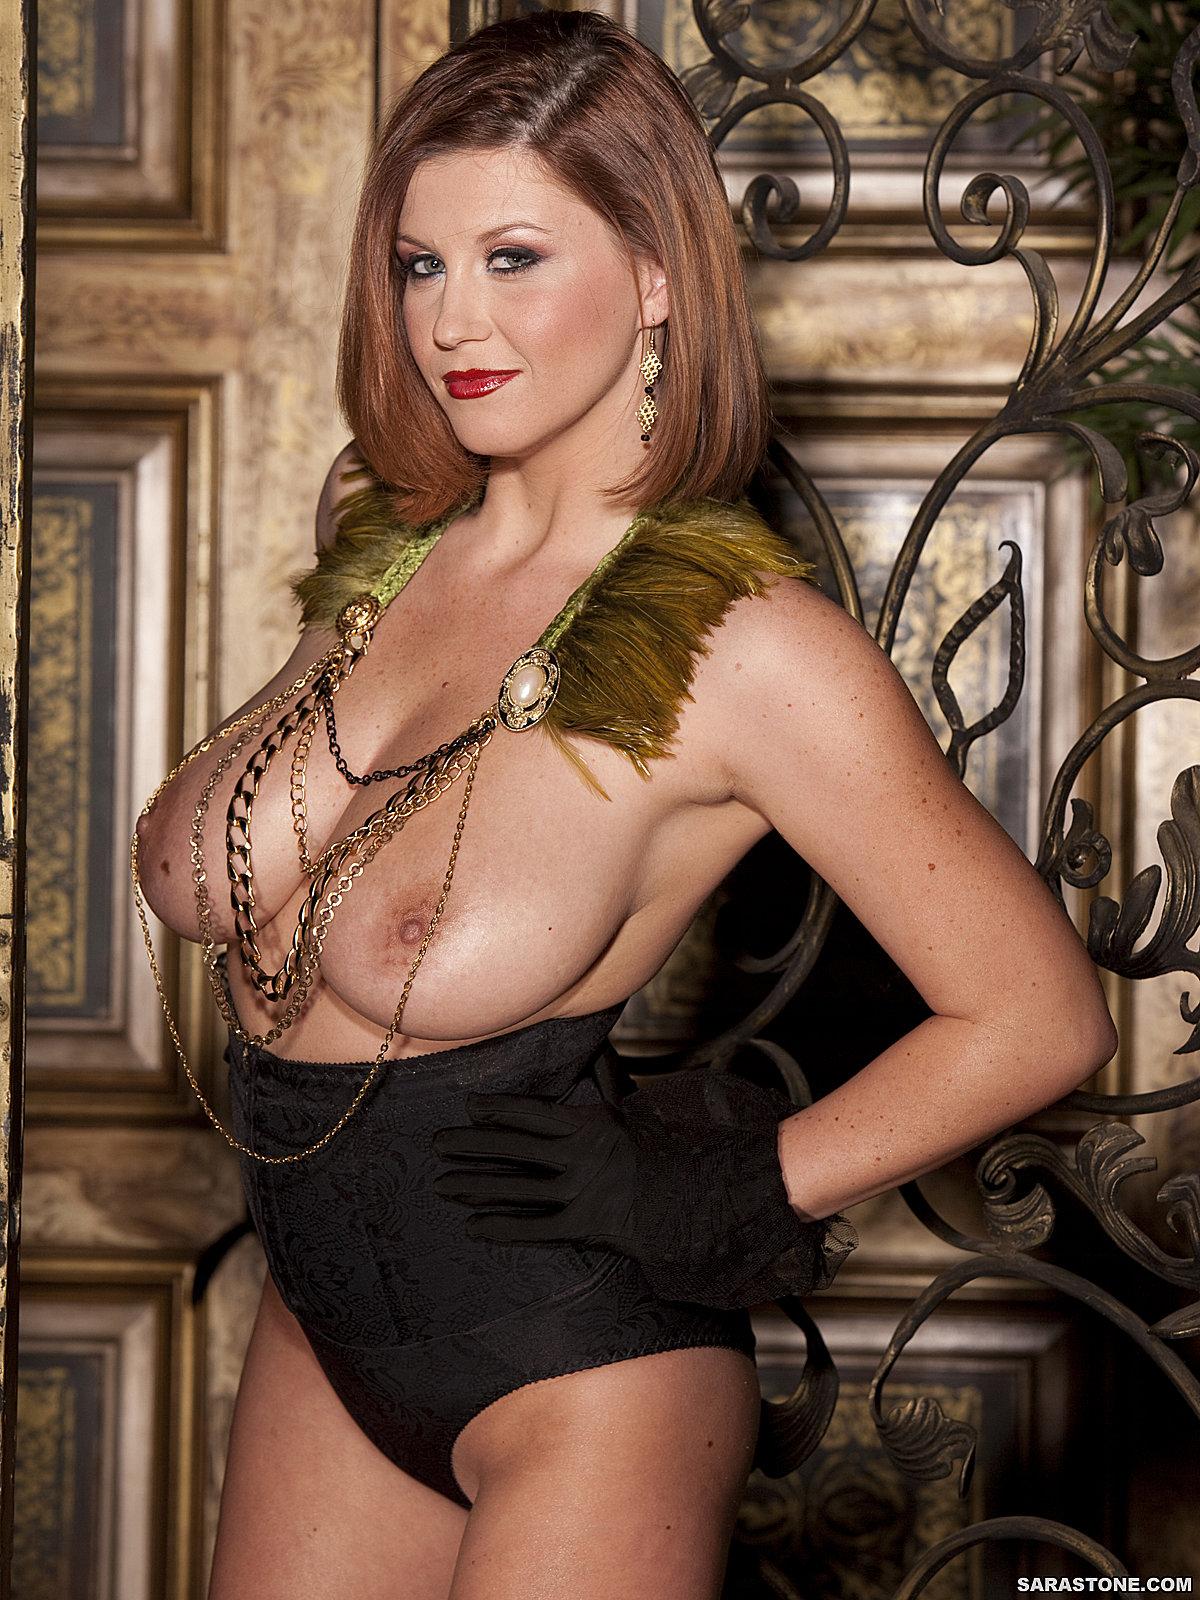 Sara Stone allettante con le sue grandi tette naturali 55885-5656